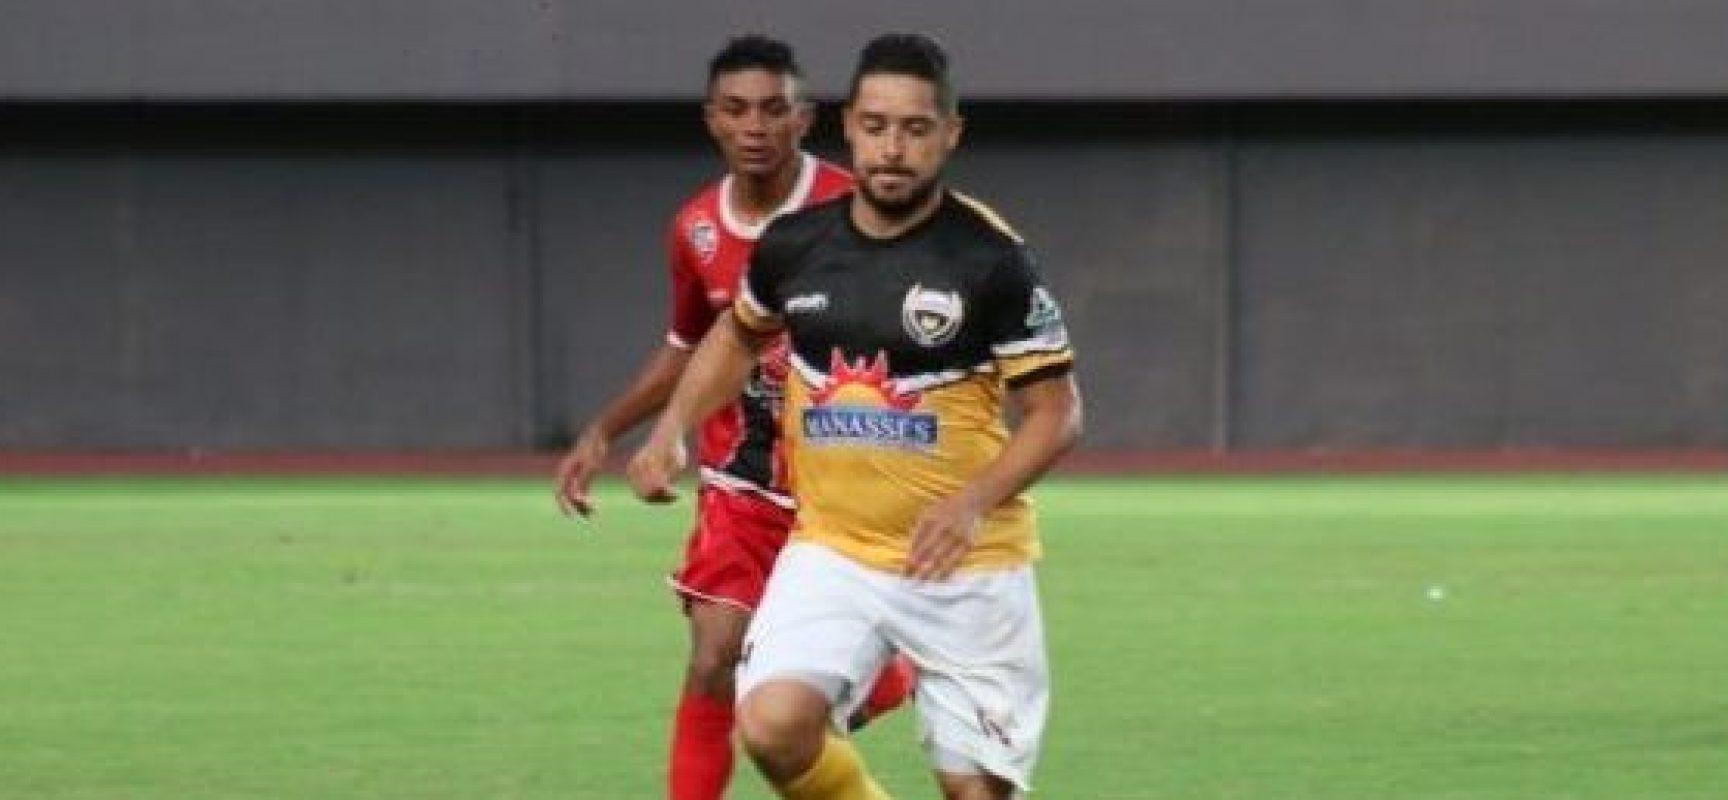 Atlético empata em O x O com o PFC-Cajazeiras e leva vantagem para o Carneirão